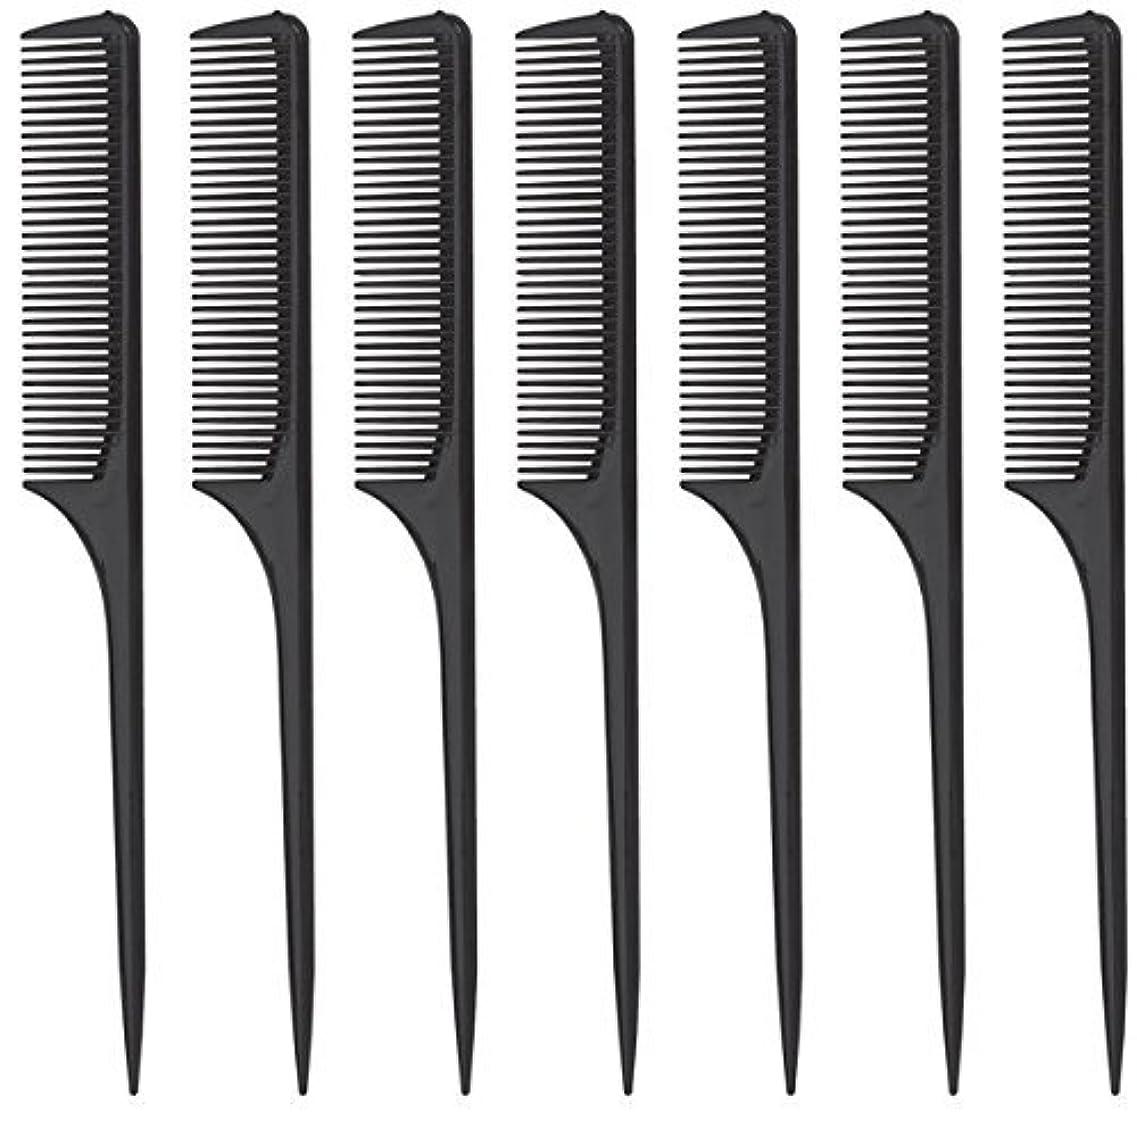 コンデンサーマグロータリーDiane Rat Tail Comb, Black, 9 Inch, 12 Count [並行輸入品]